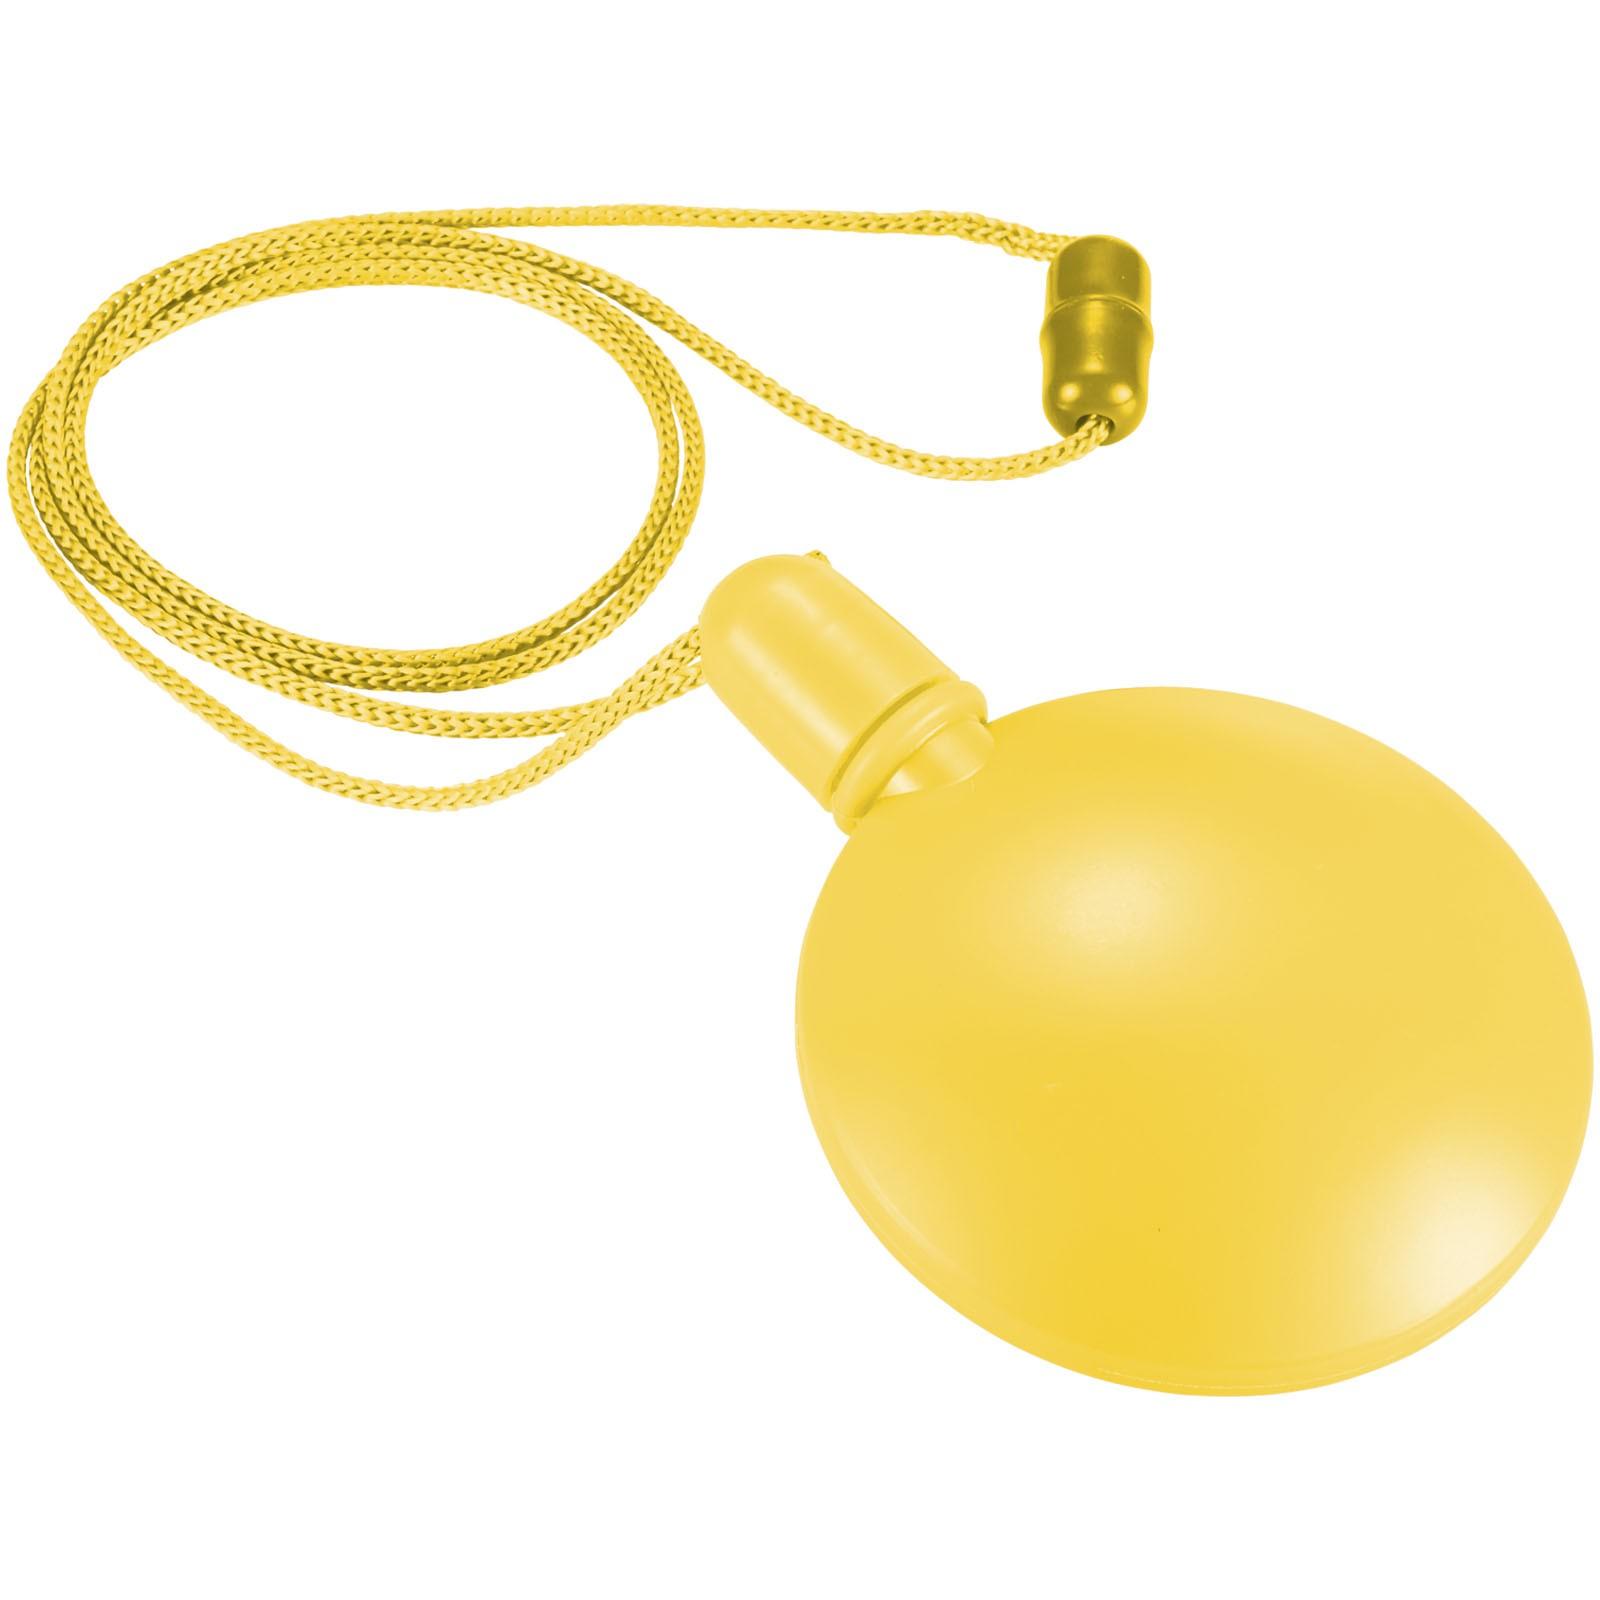 Blubbler runder Seifenblasenspender - Gelb